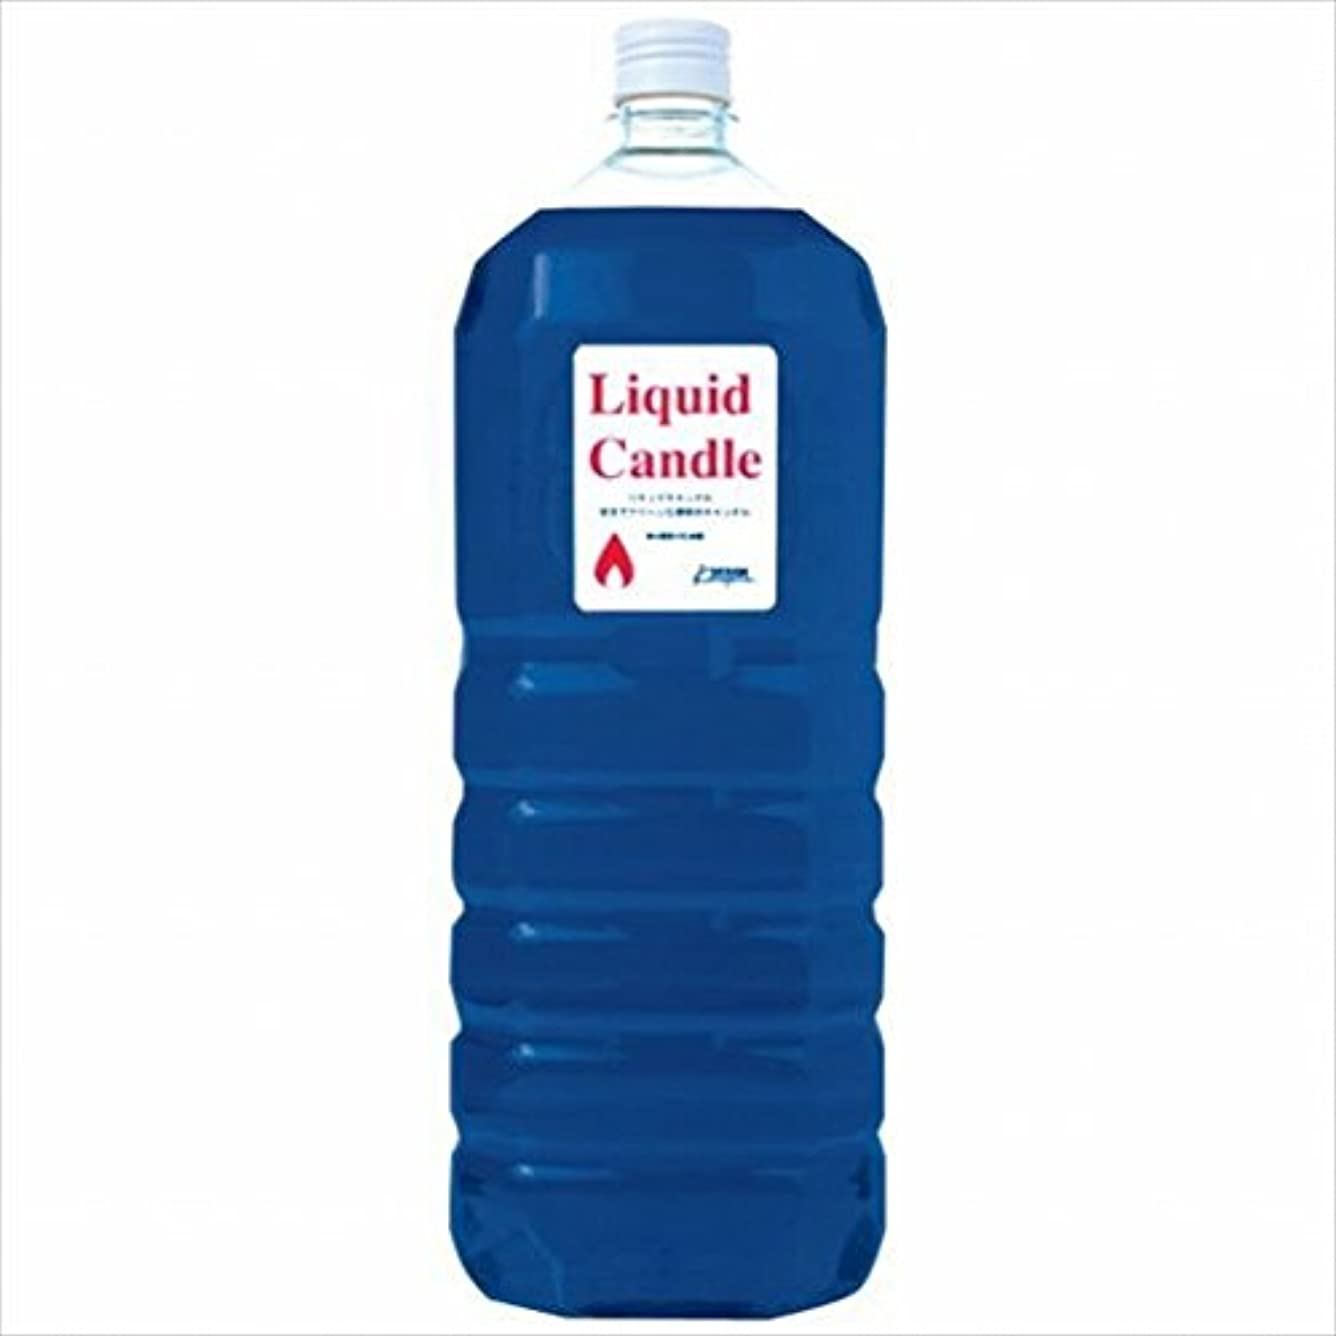 肌寒い農学オアシスカメヤマキャンドル(kameyama candle) リキッドキャンドル2リットル 「 ブルー 」